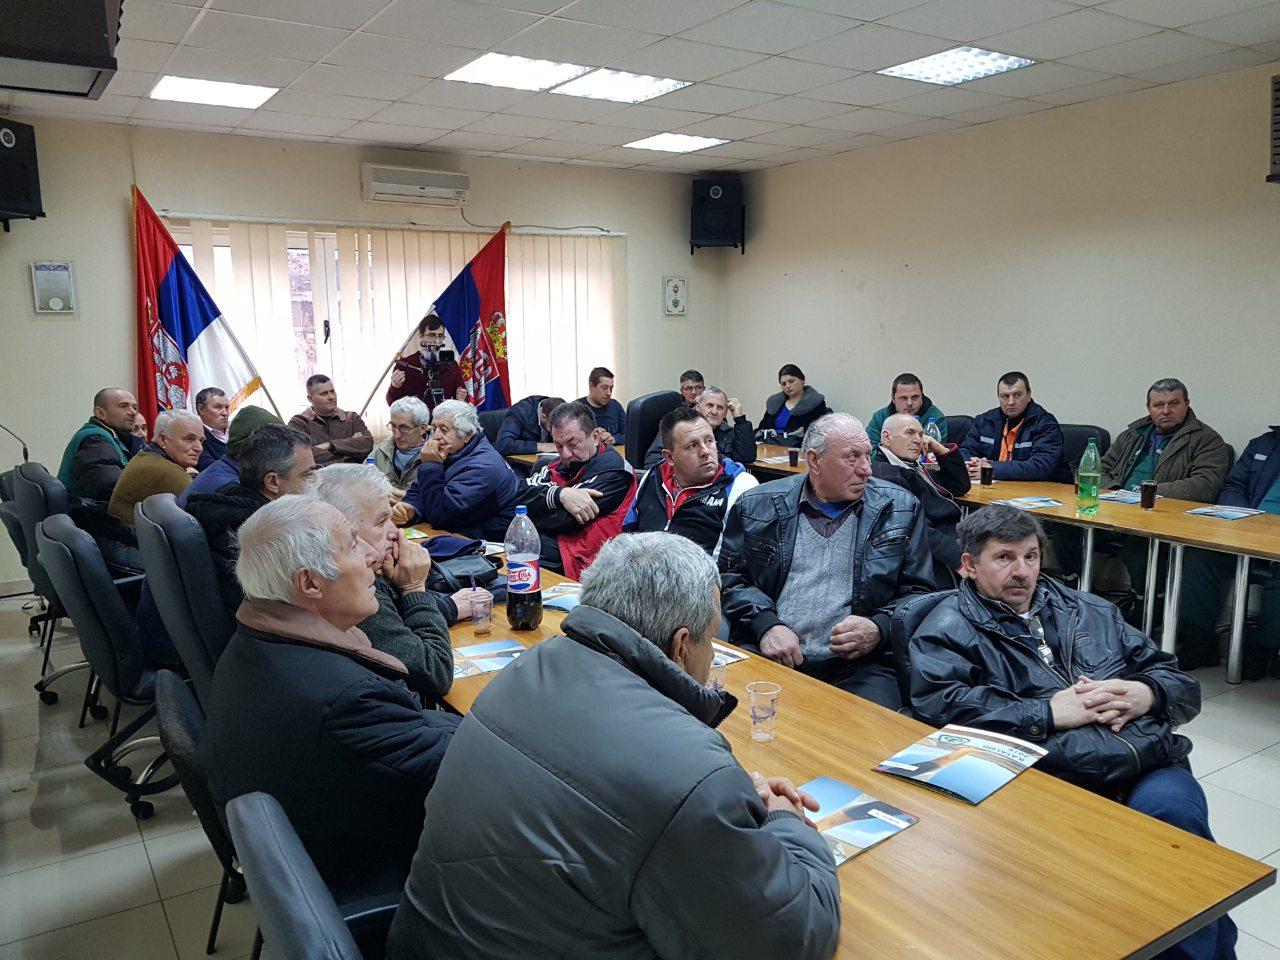 Održano predavanje za poljoprivrednike opštine Svrljig